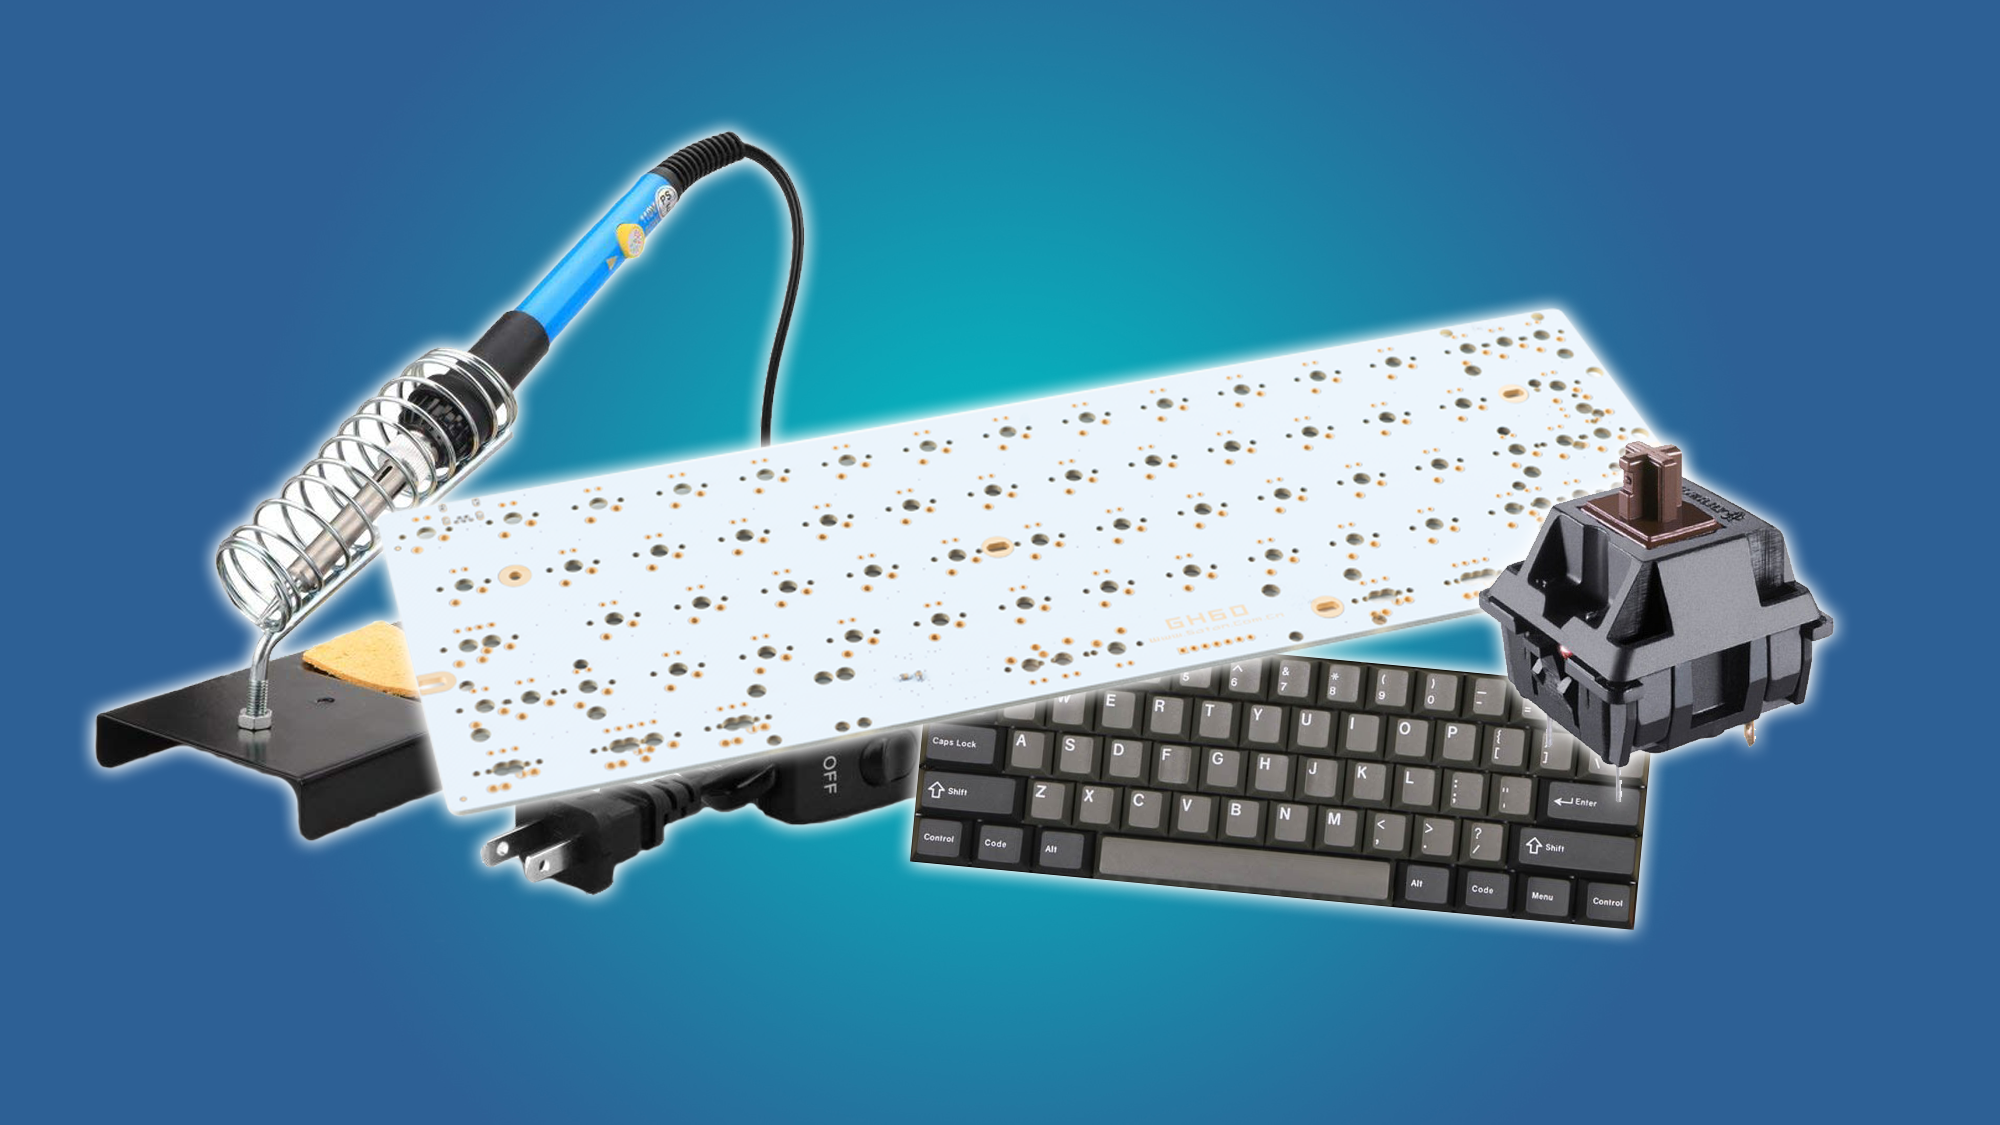 Alles, was Sie brauchen, um mechanische Tastaturen